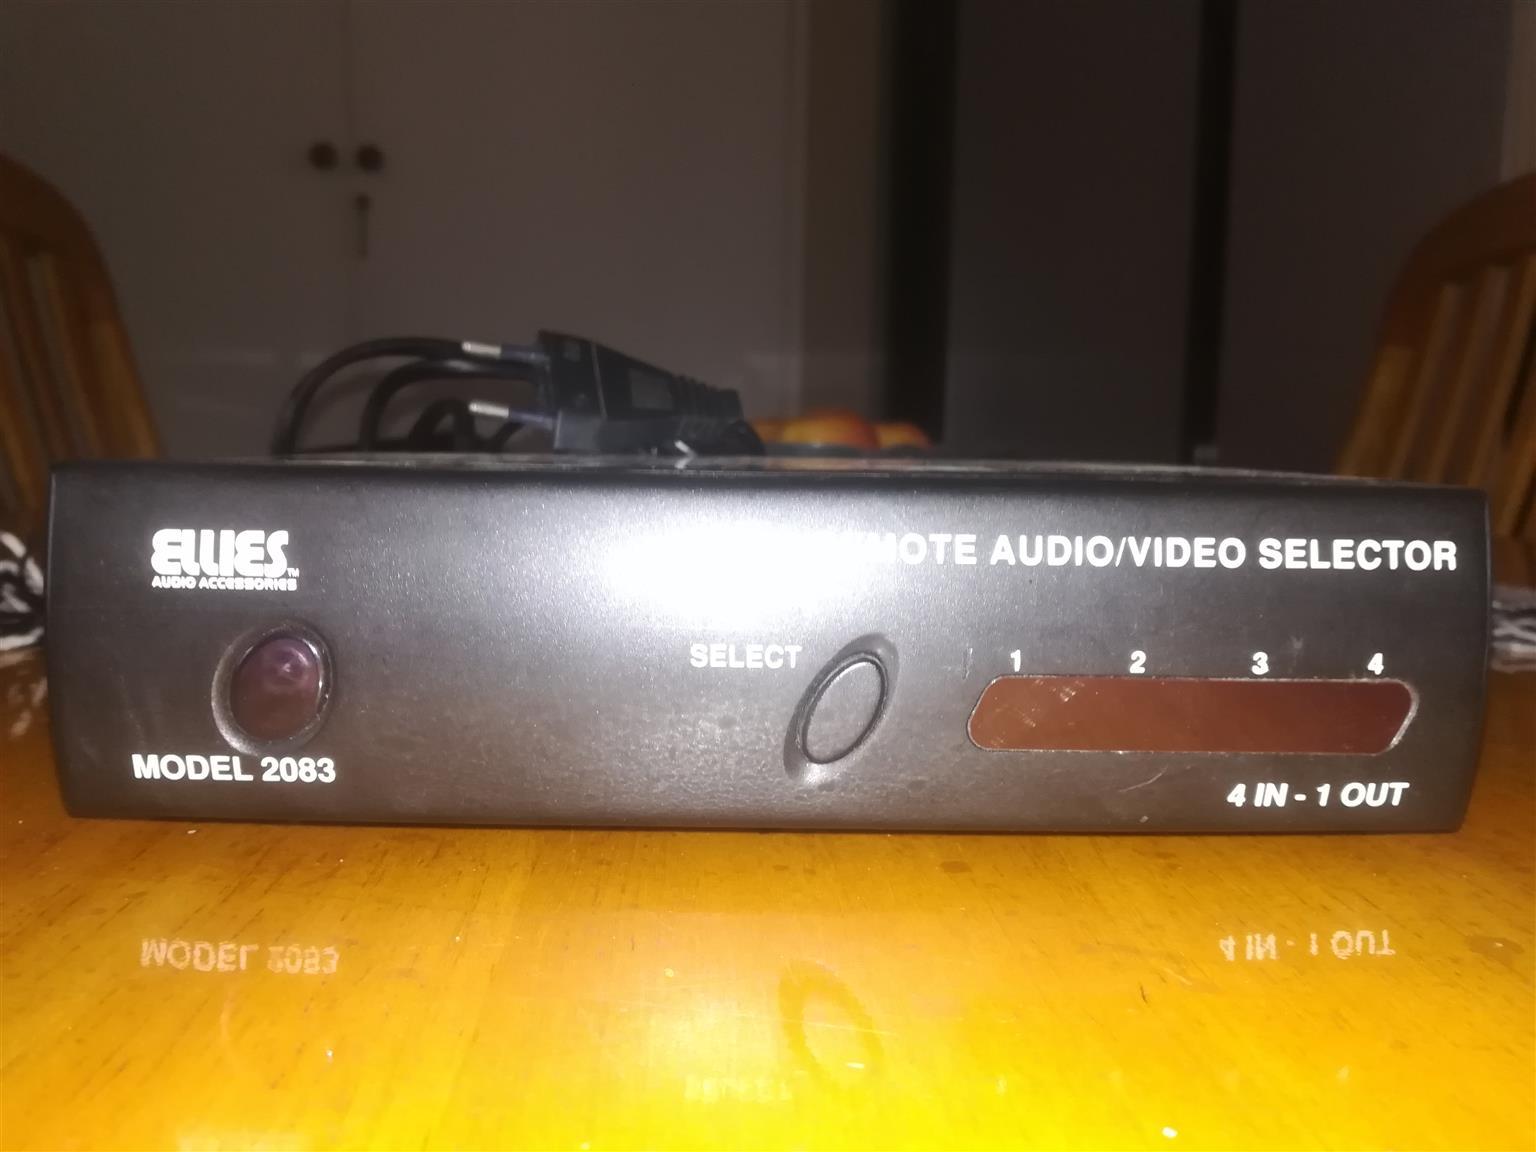 Ellies Remote Audio Video Selector